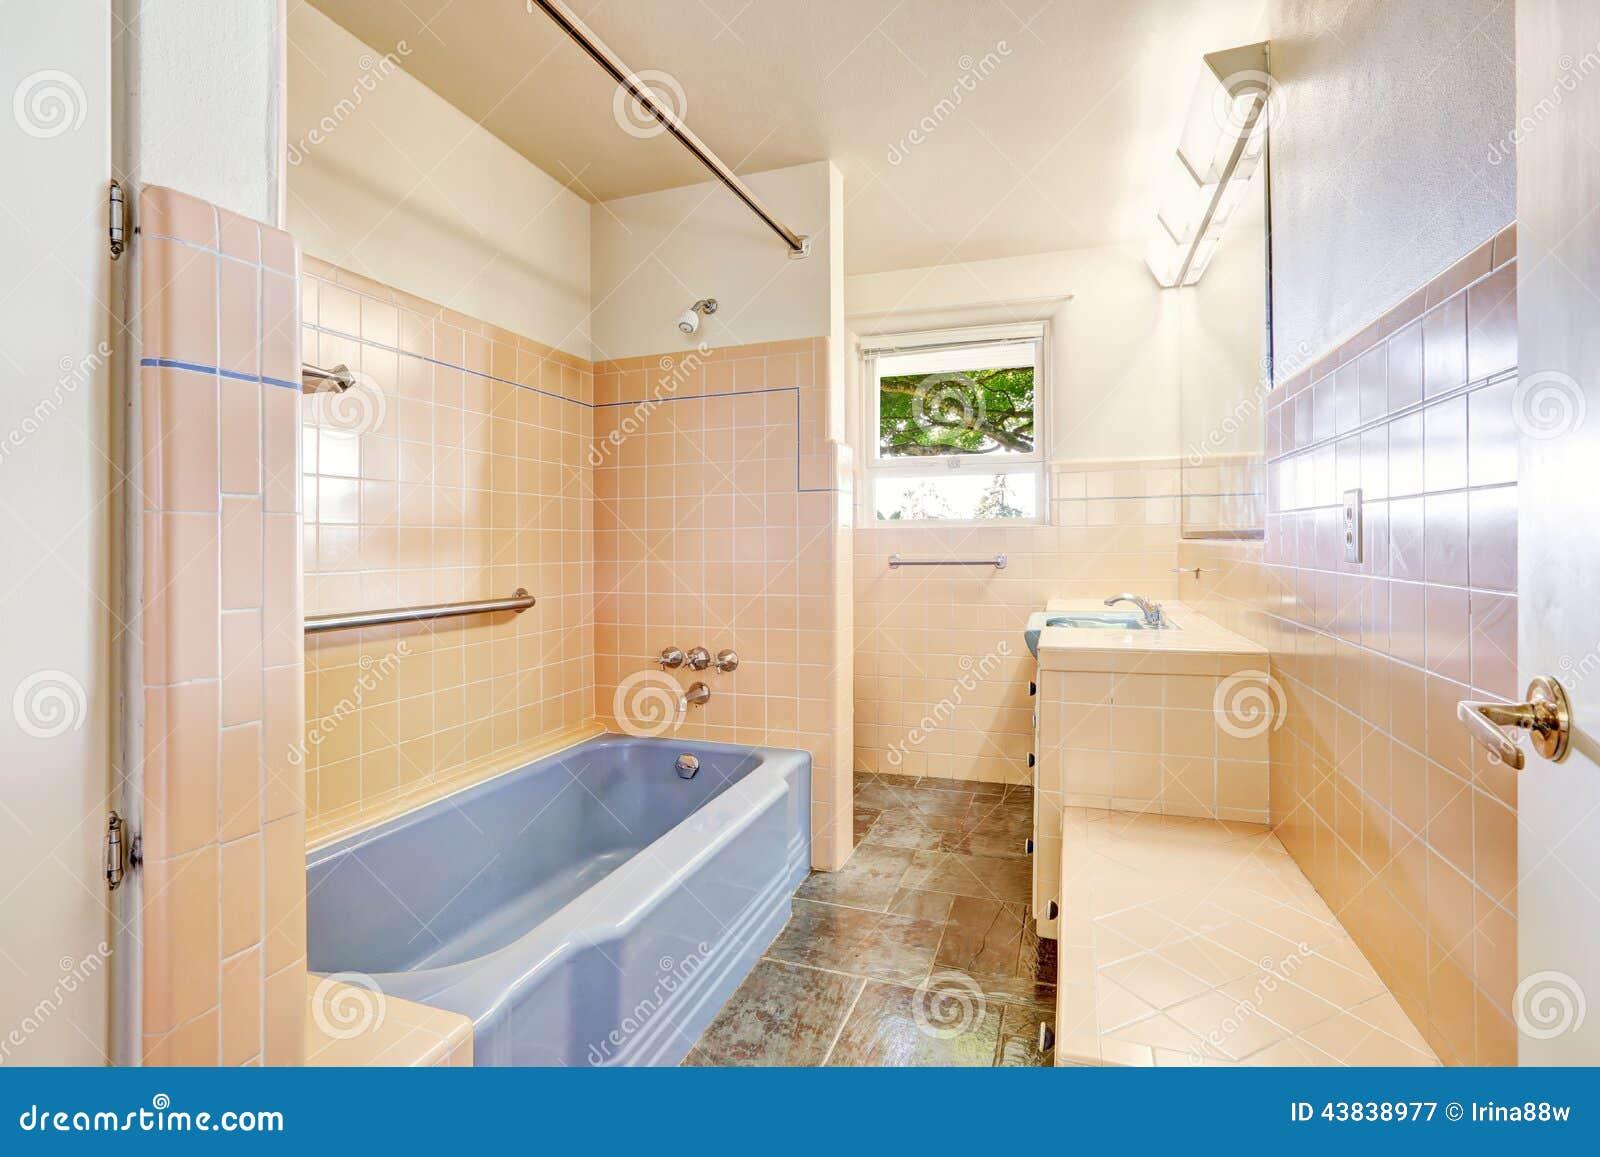 Ivory bathroom with blue bath tub stock photo image - Leroy merlin salle de bains 3d ...